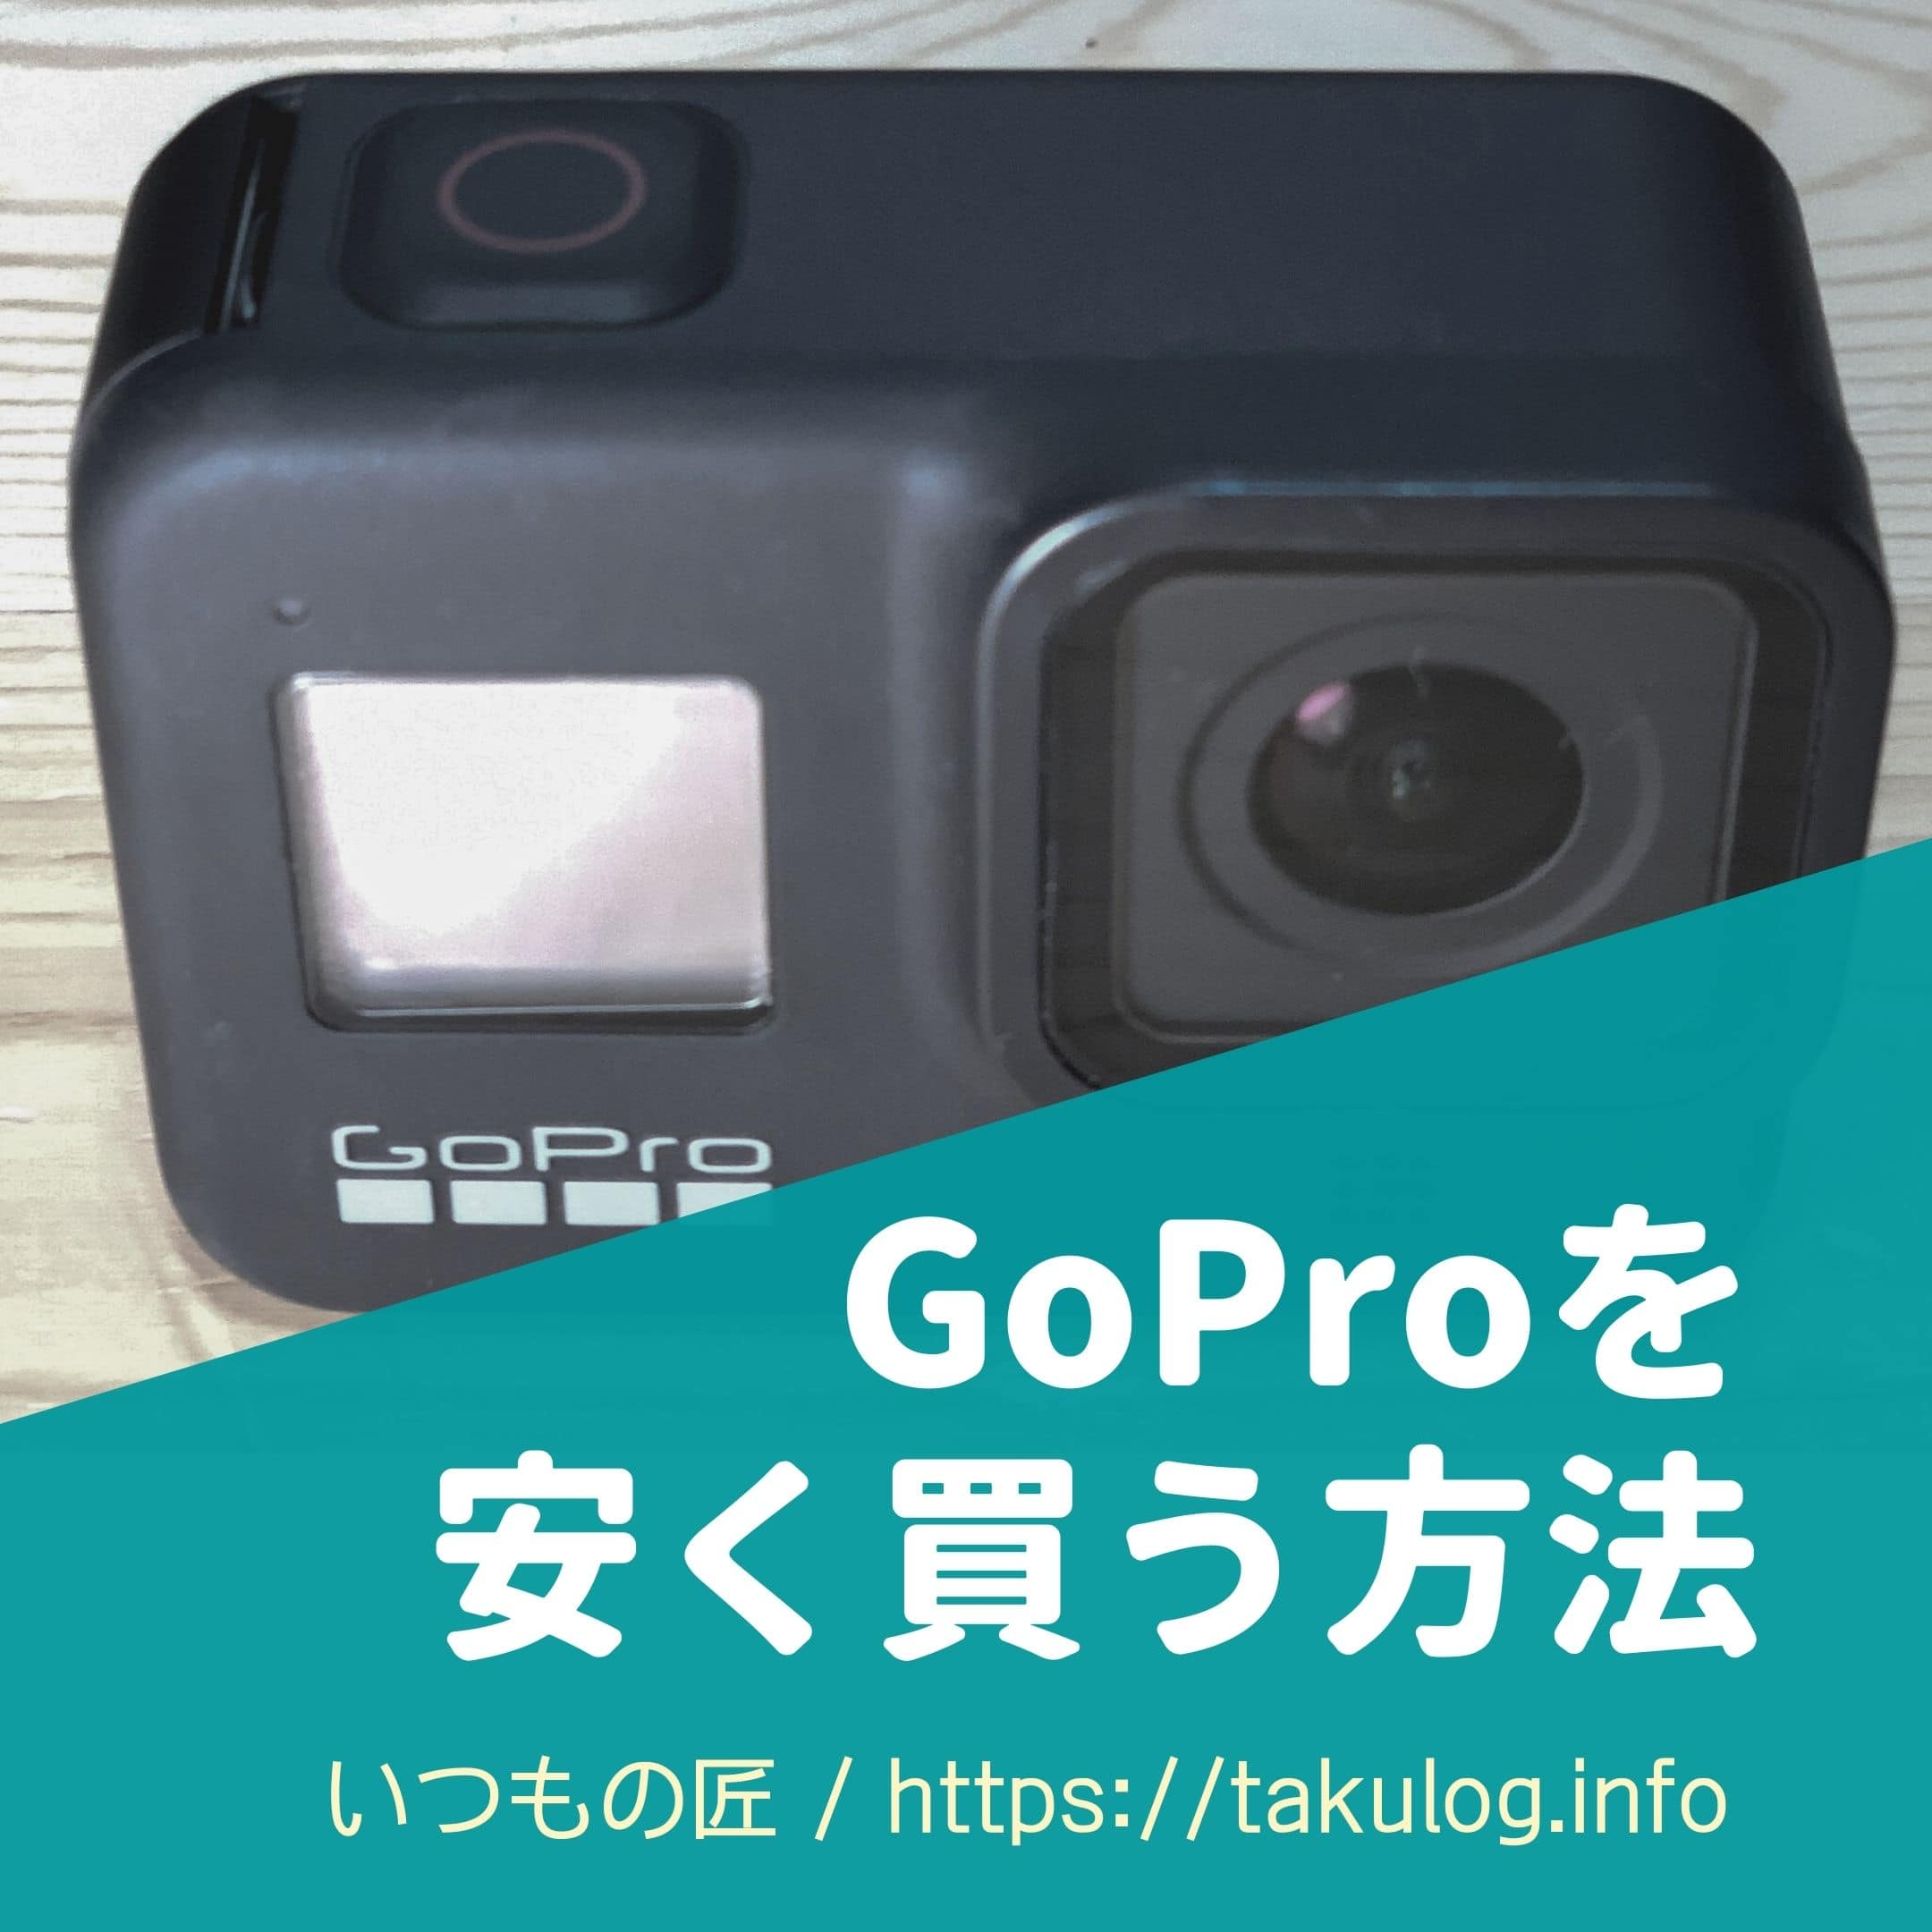 GoProをとにかく安く買う方法 サムネイル